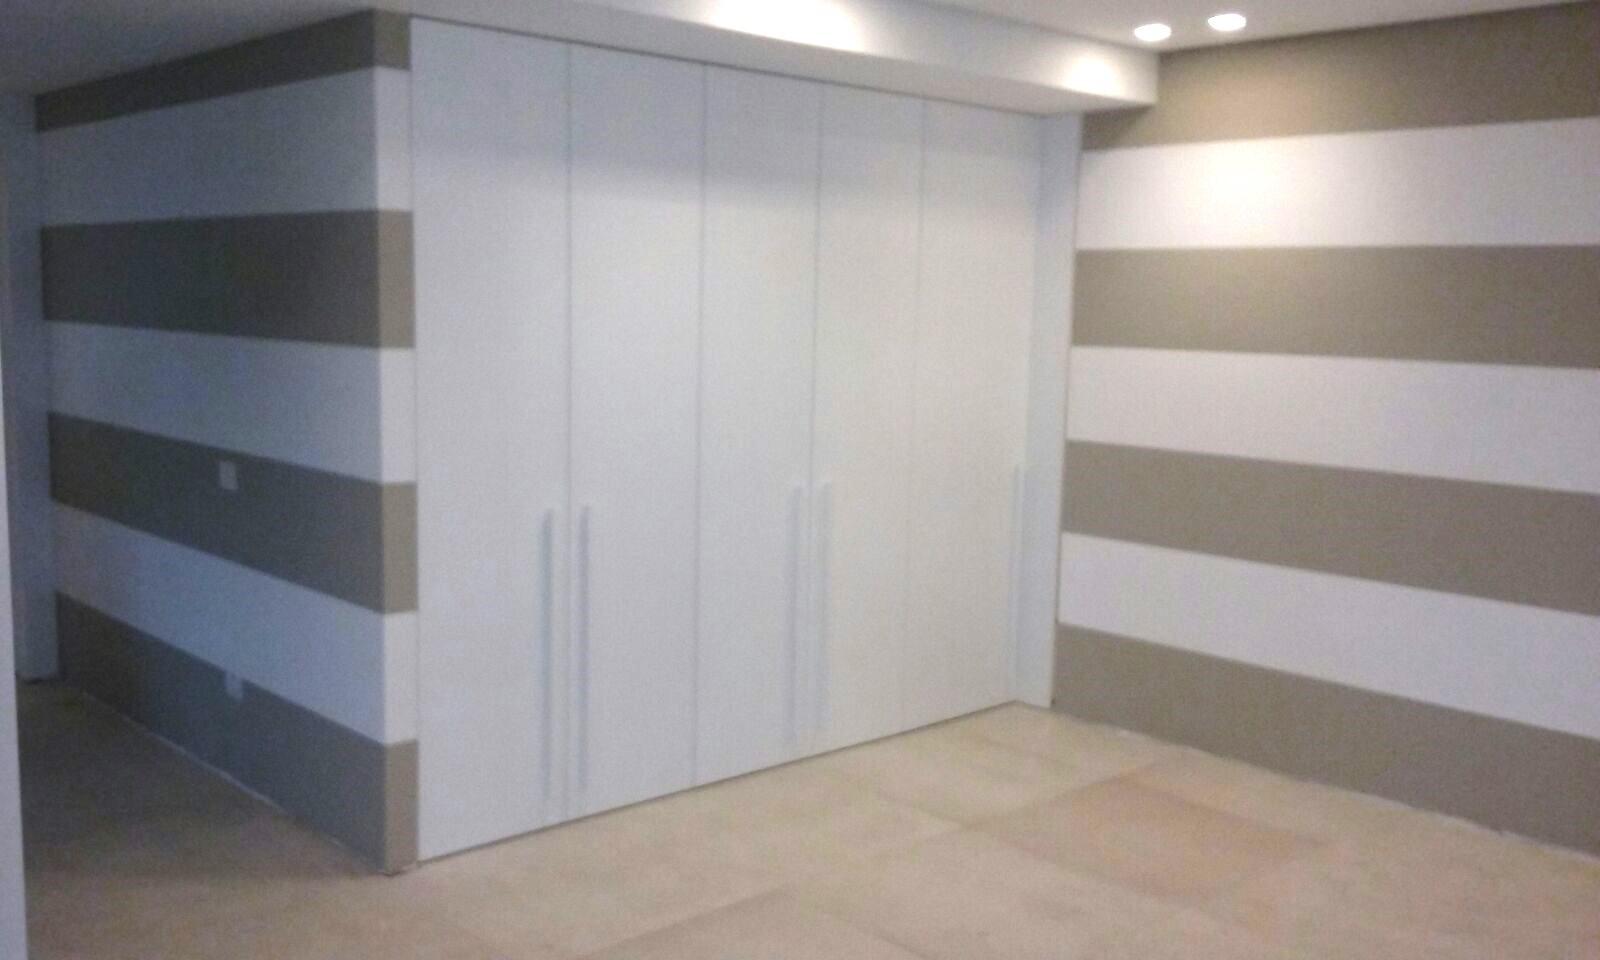 Armadi A Muro Immagini : Armadio filo muro caltagirone catania